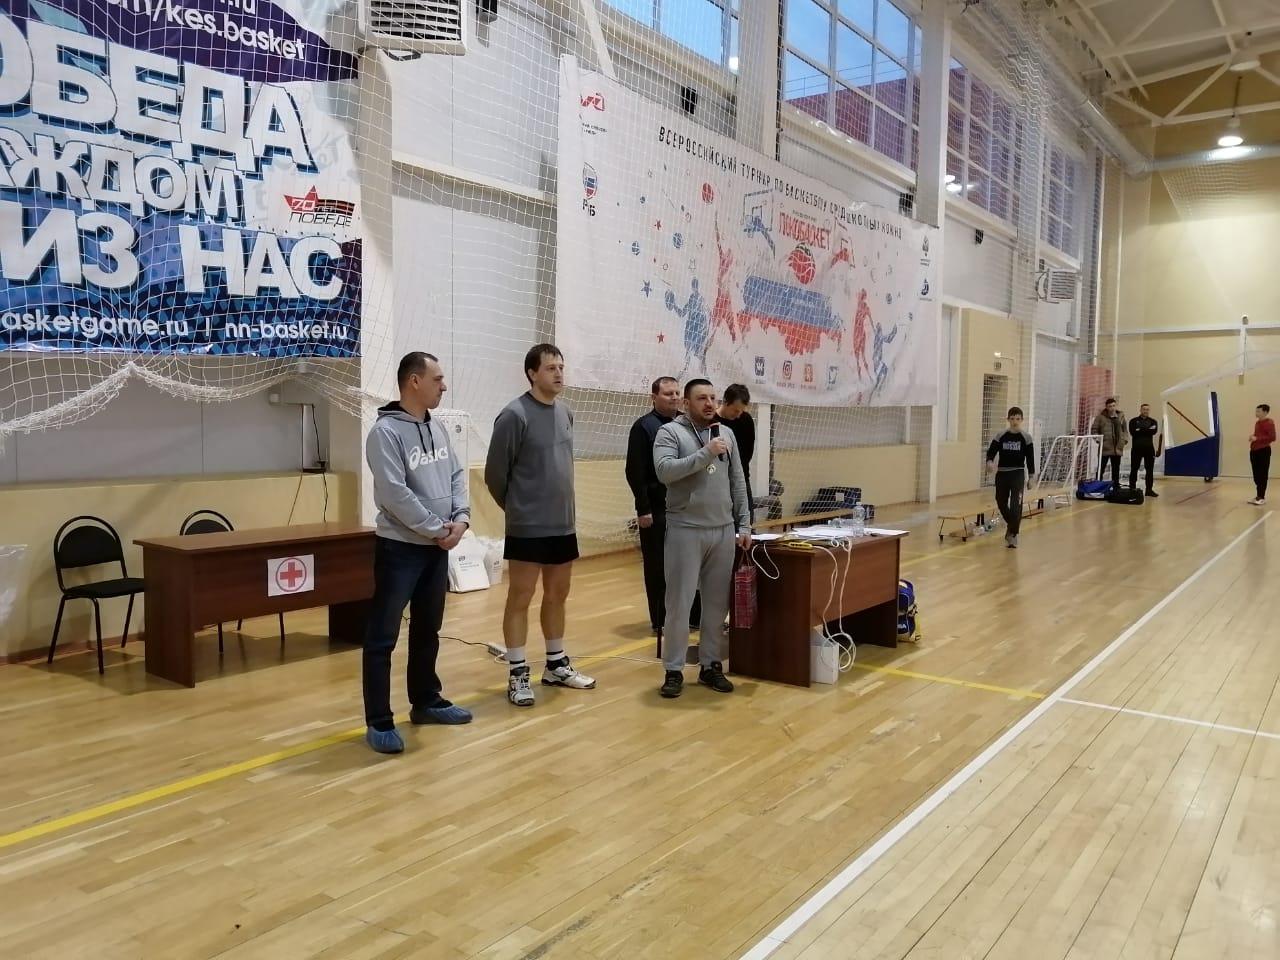 В ФОКе «Баташев Арена» прошел «Кубок энергетика 2019»